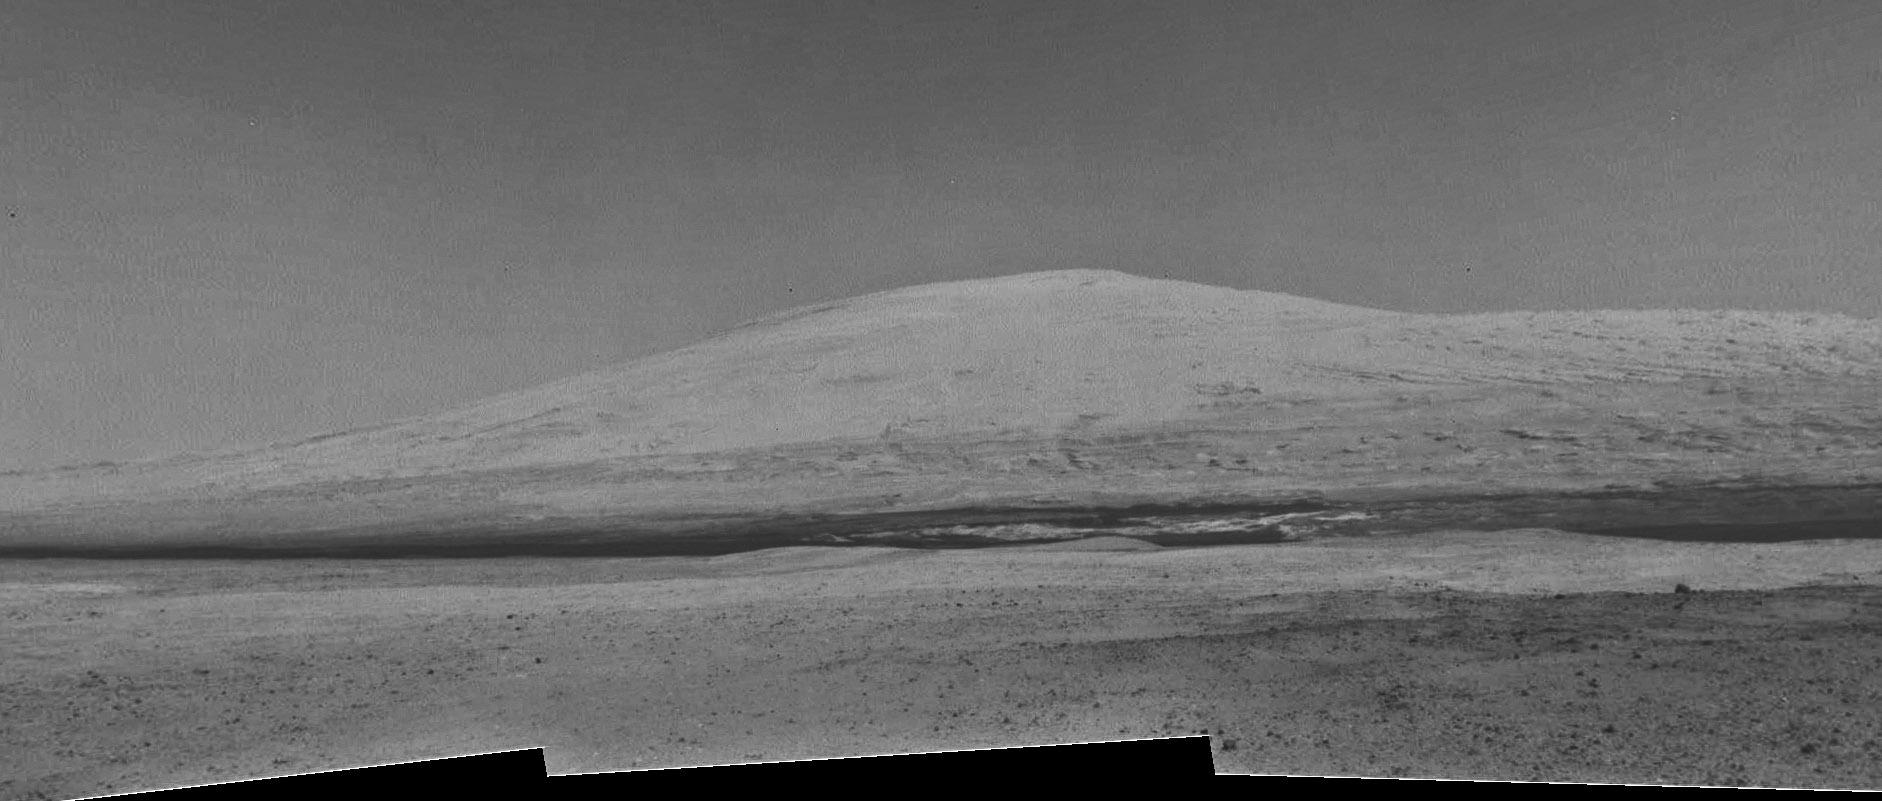 Panorama de la NavCam izquierda tomada durante el Sol 12. NASA/JPL-Caltech